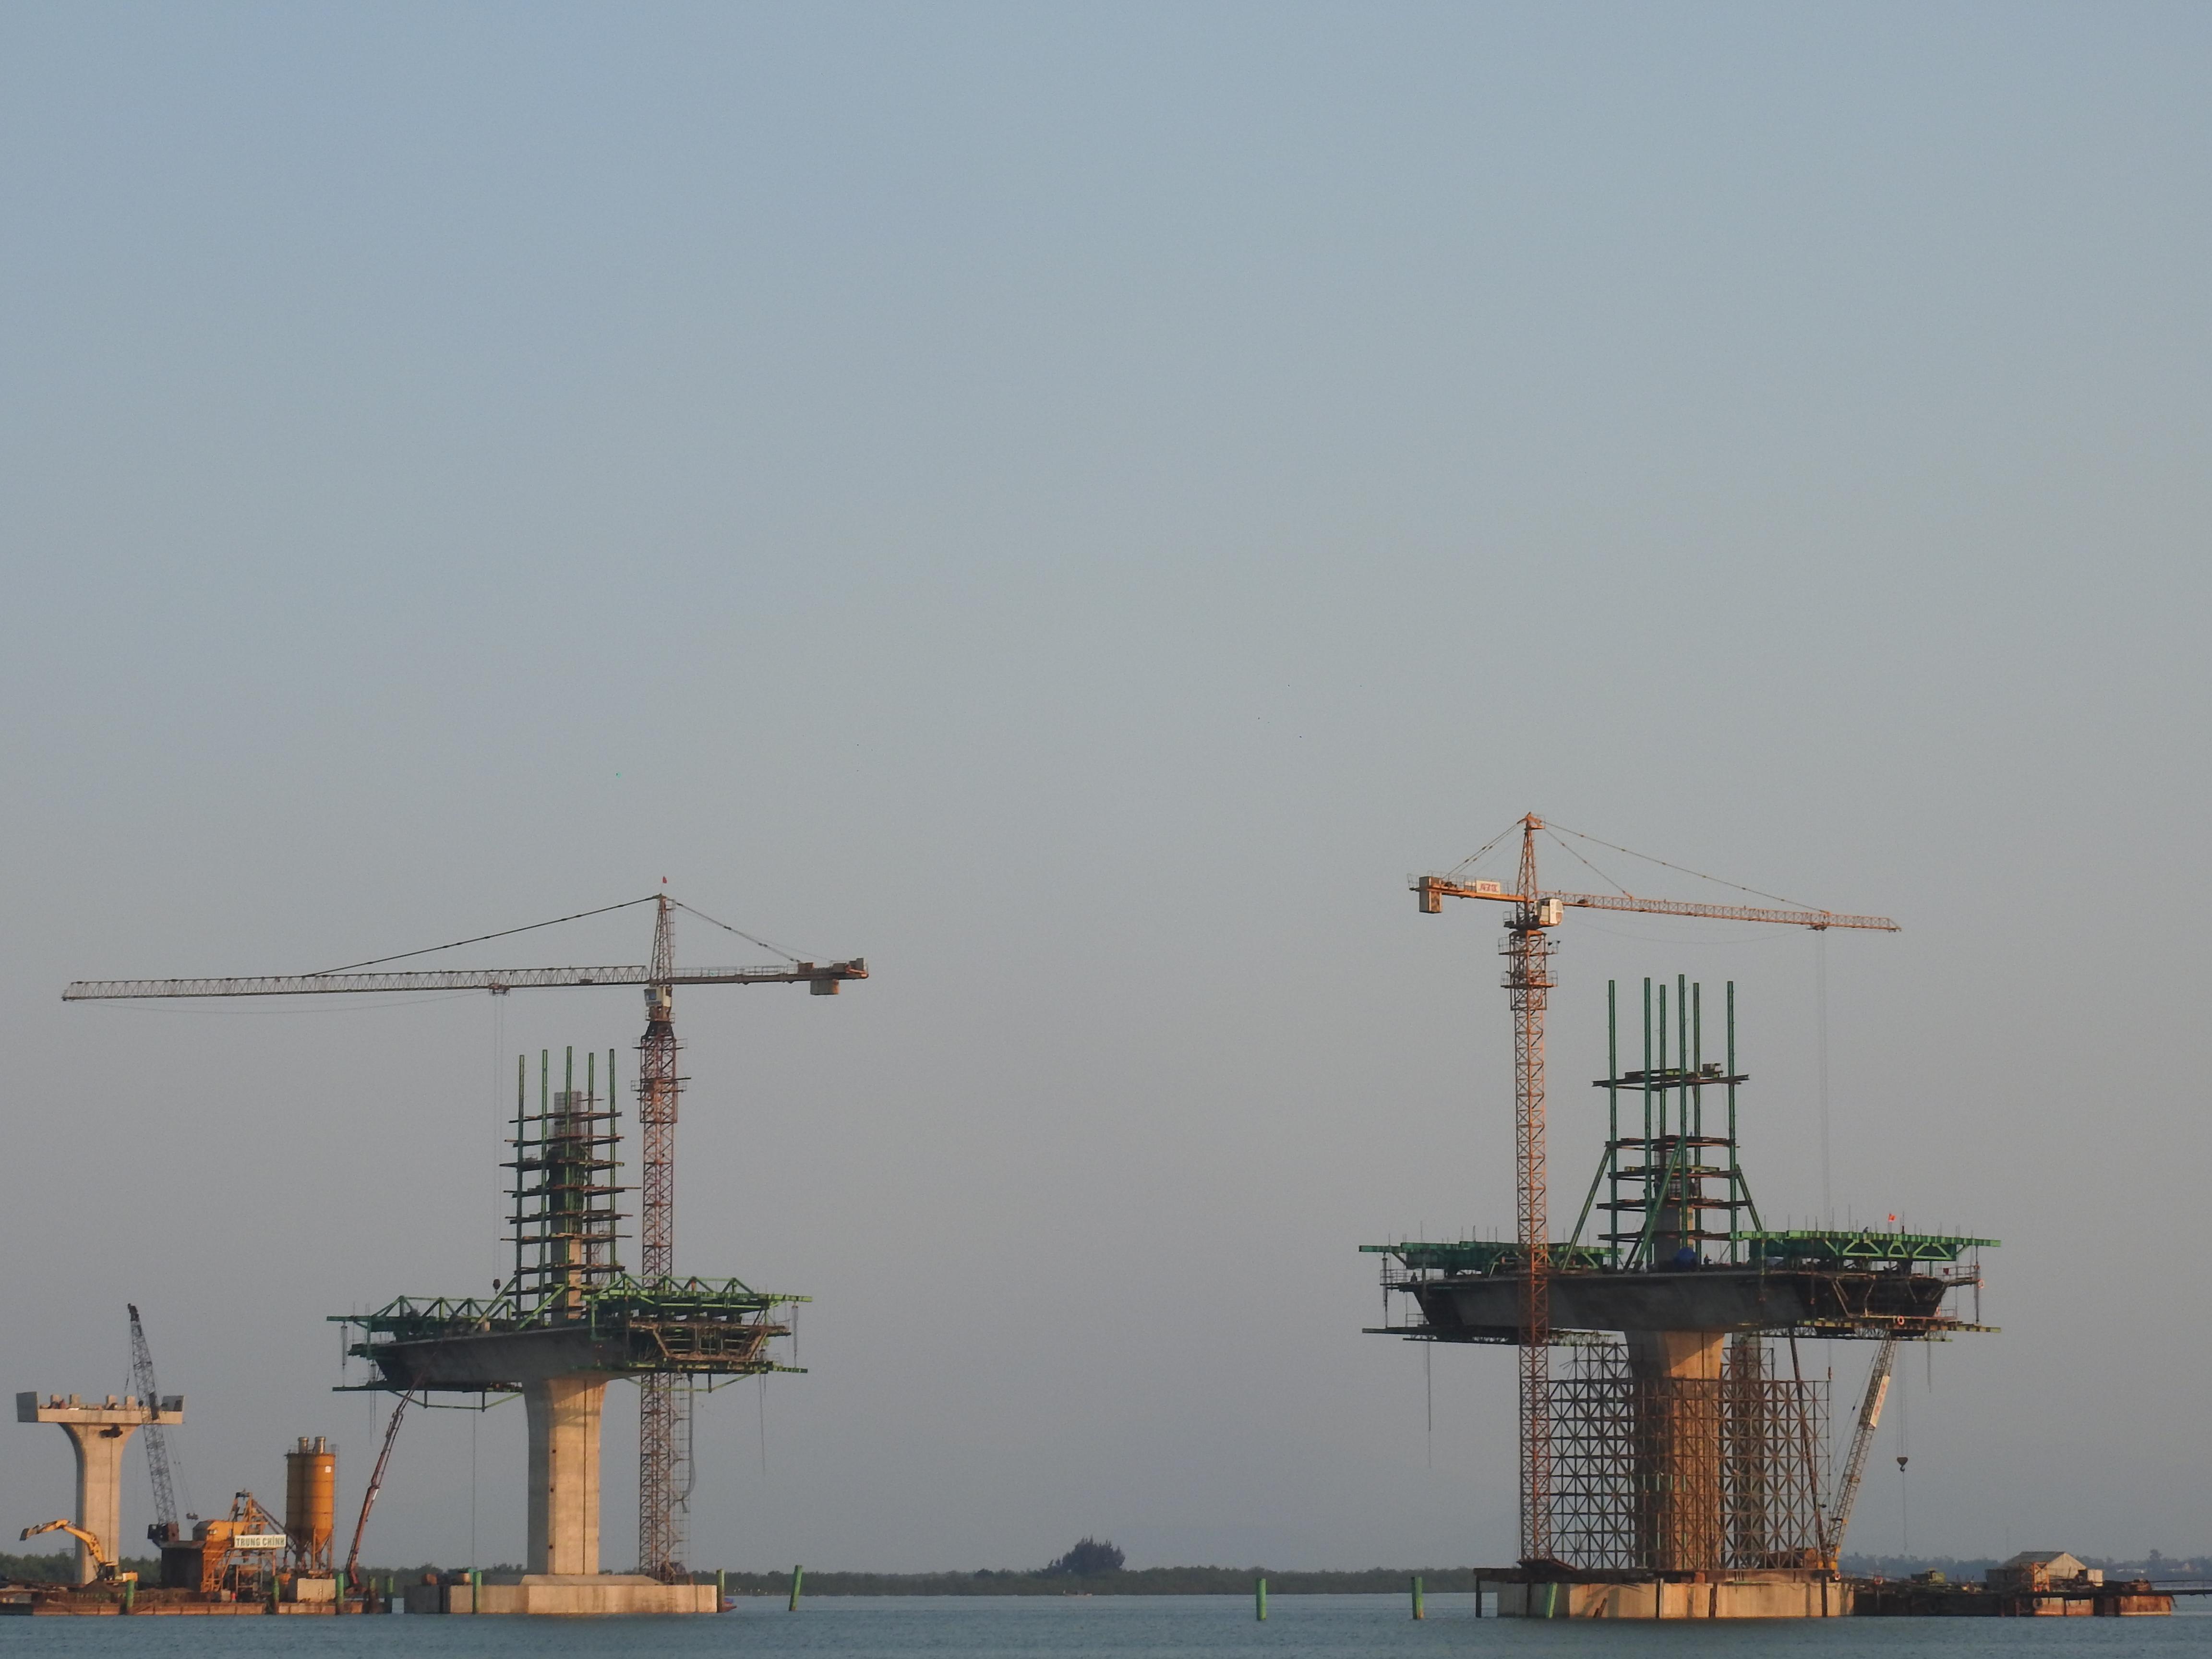 Cận cảnh cầu Cửa Hội nối hai tỉnh Nghệ An - Hà Tĩnh, tổng mức đầu tư 950 tỉ đồng, dự kiến thông xe tháng 8/2020 - Ảnh 7.